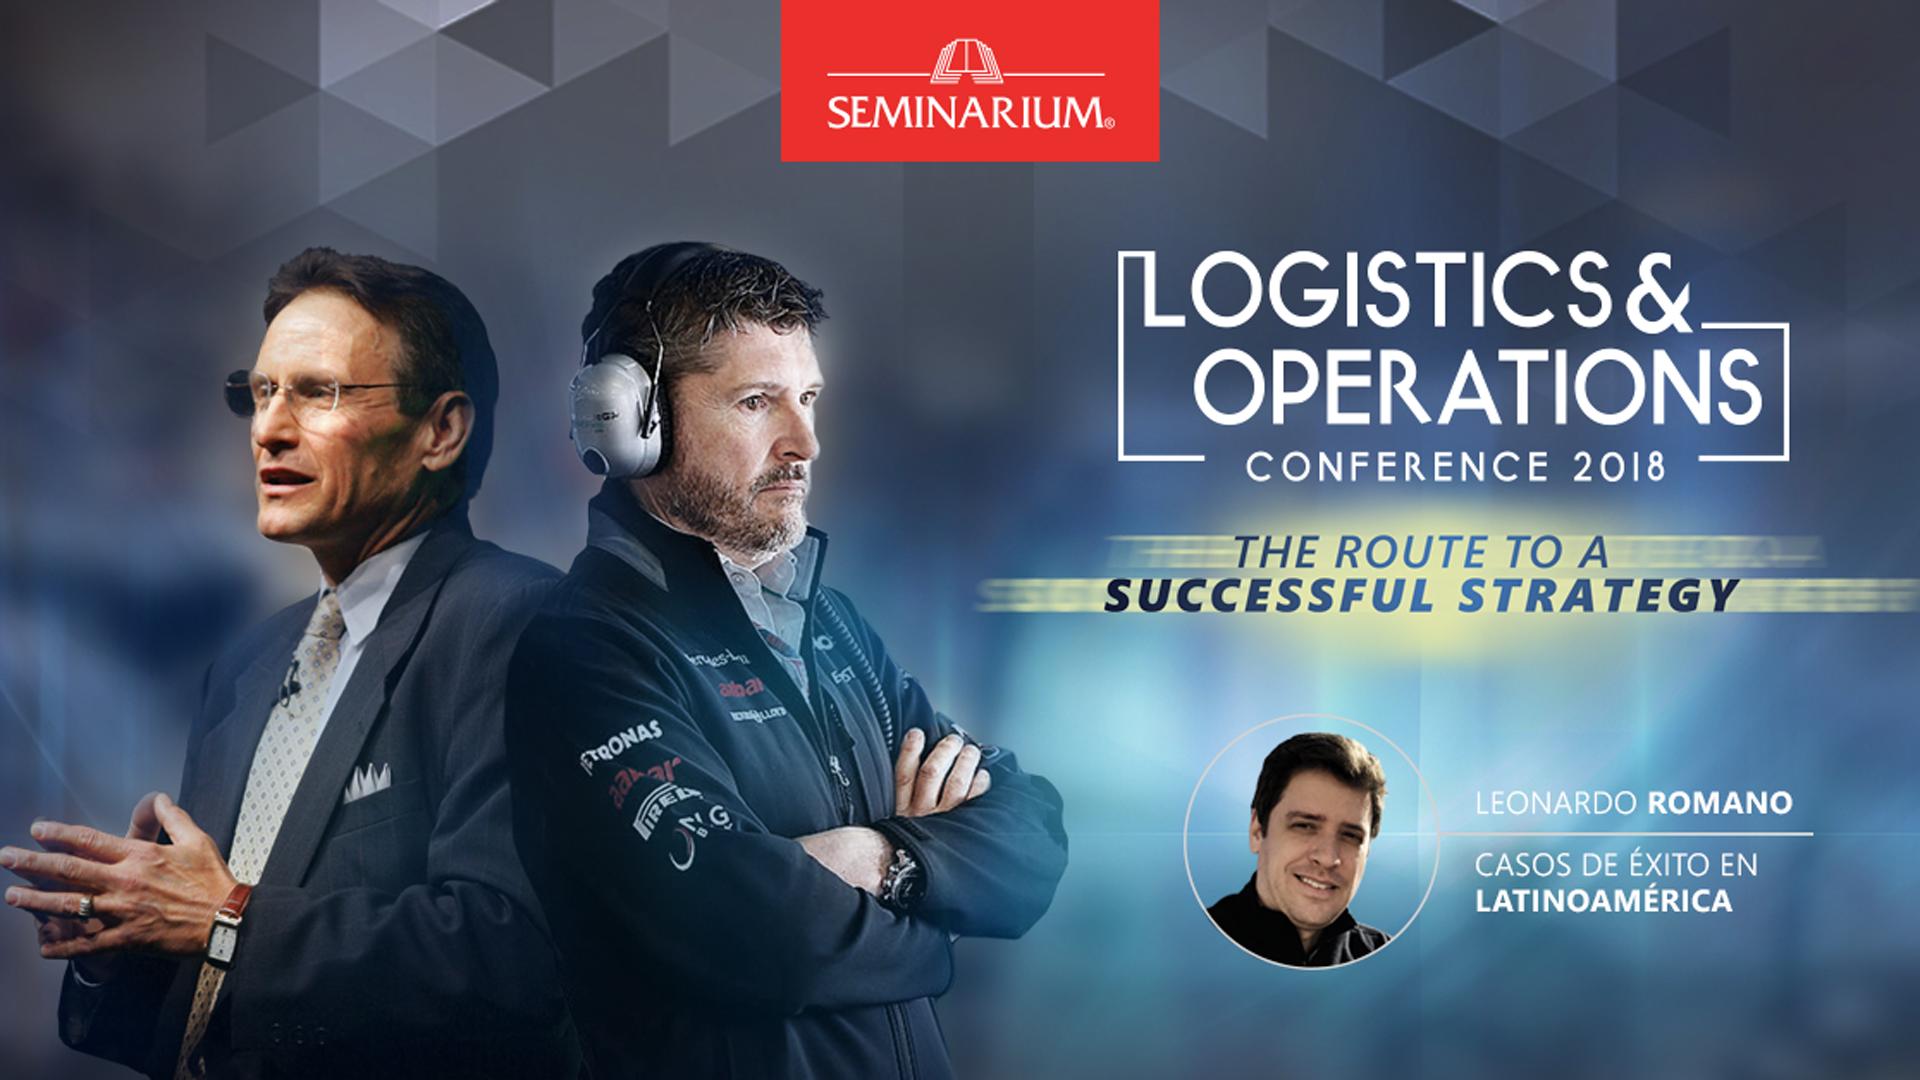 Michael Bergdahl, Nicky Frey y Leonardo Romano serán los tres oradores que compartirán sus experiencias con el público.